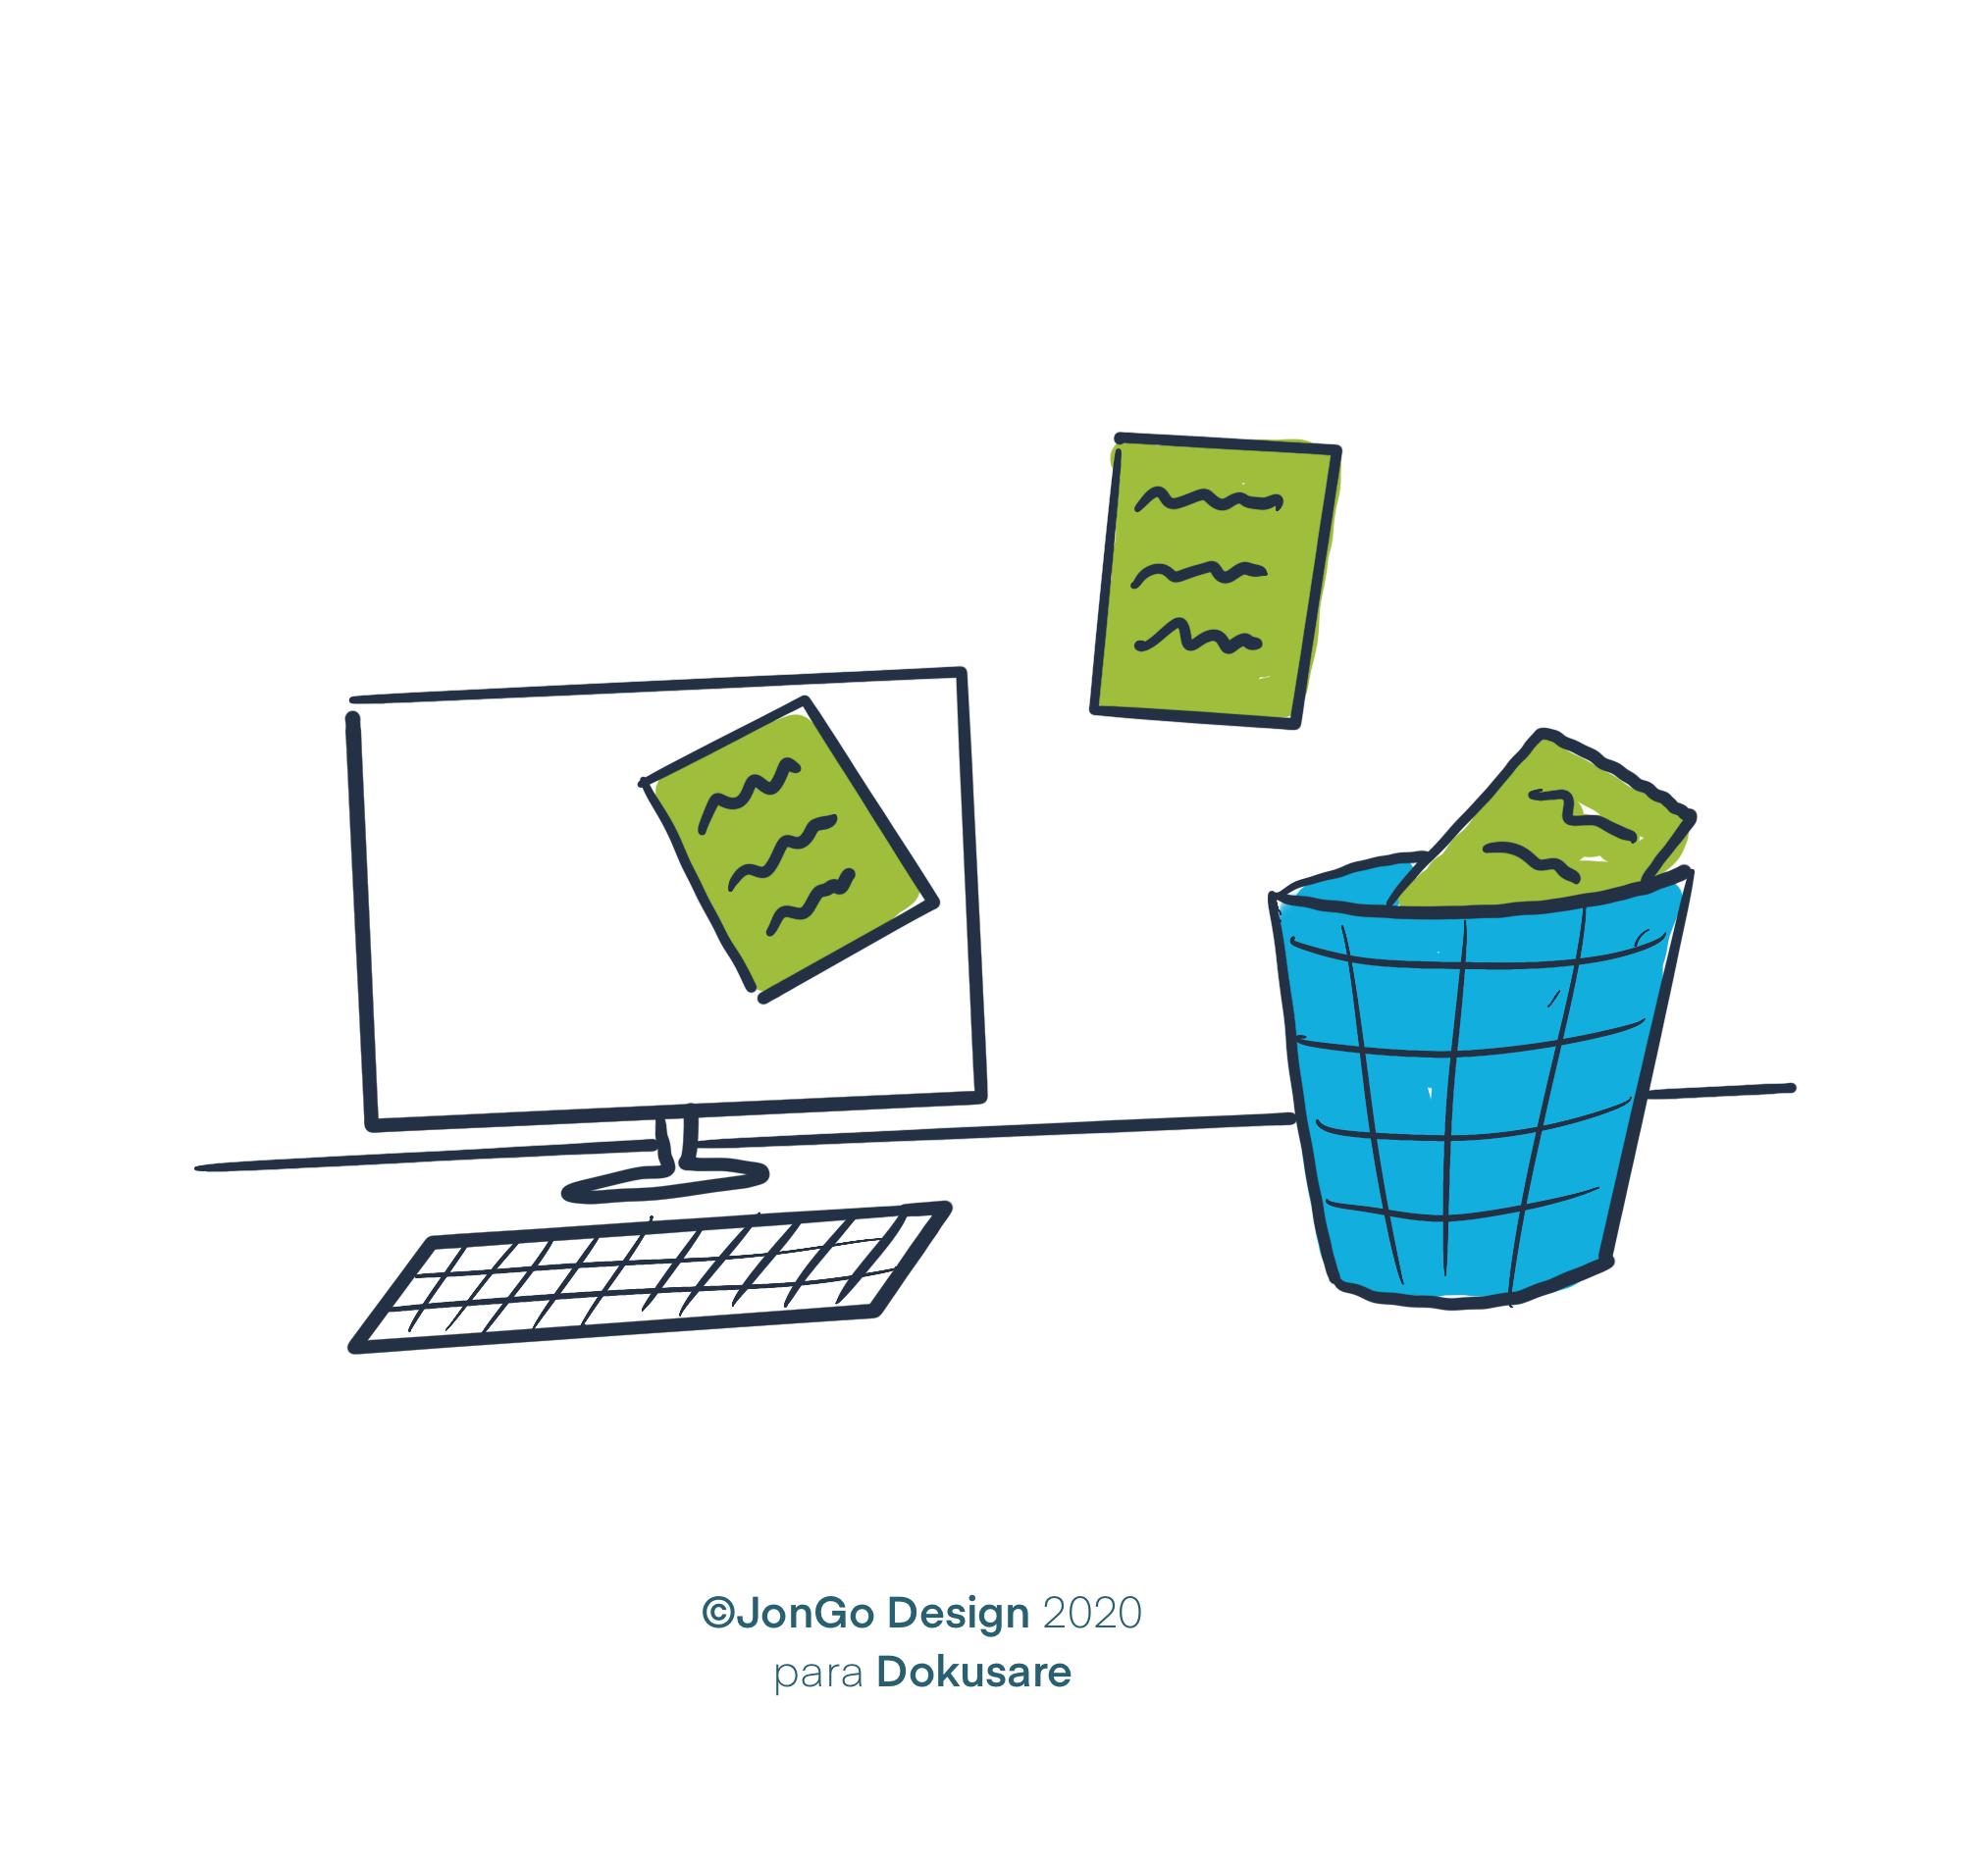 documentos reciclandose